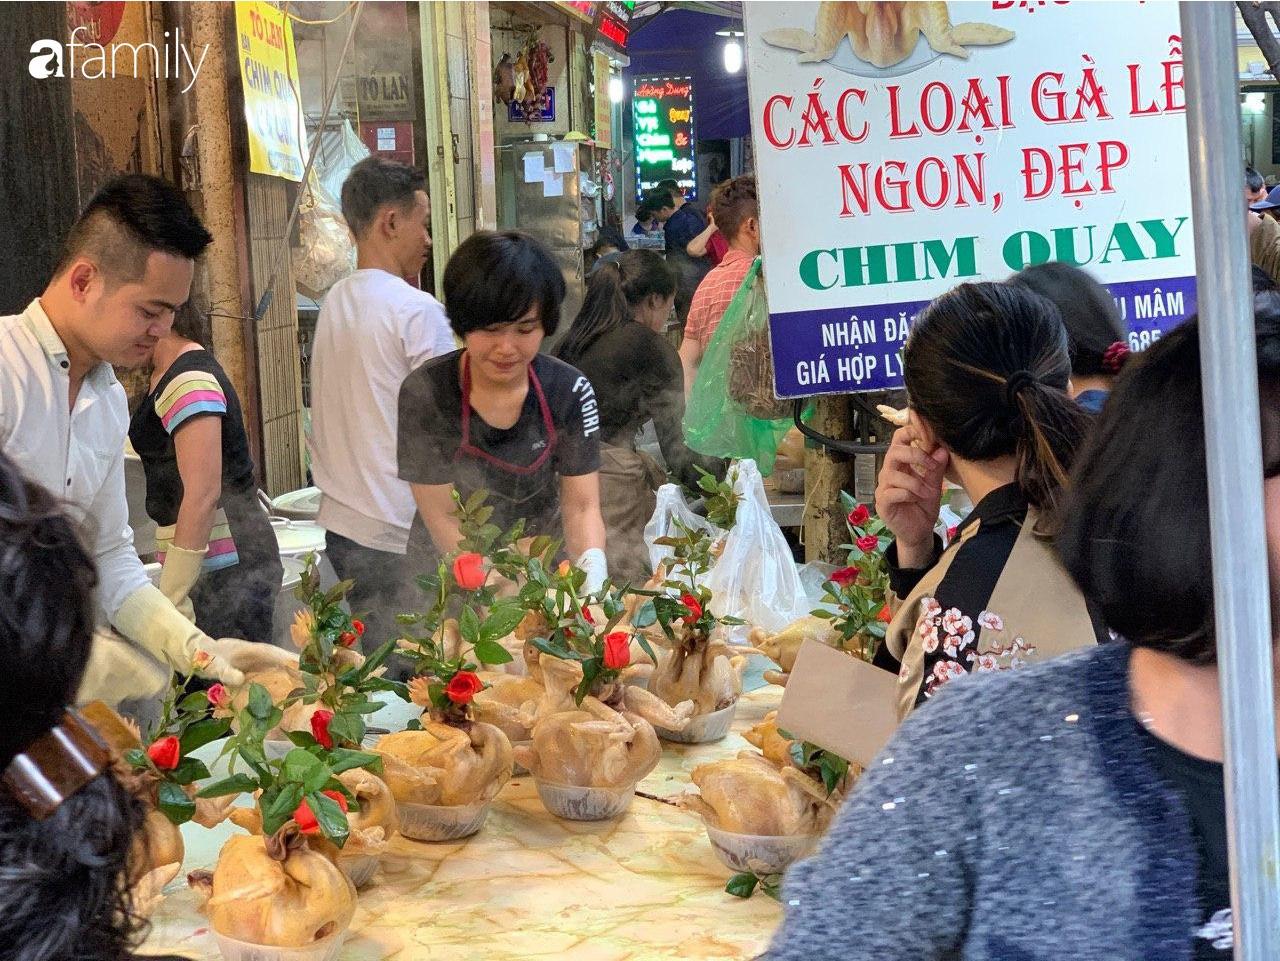 """30 Tết: Chợ Hàng Bè """"thất thủ"""" người người chen chúc vào hàng gà luộc và các quầy đồ ăn chế biến sẵn - Ảnh 3."""